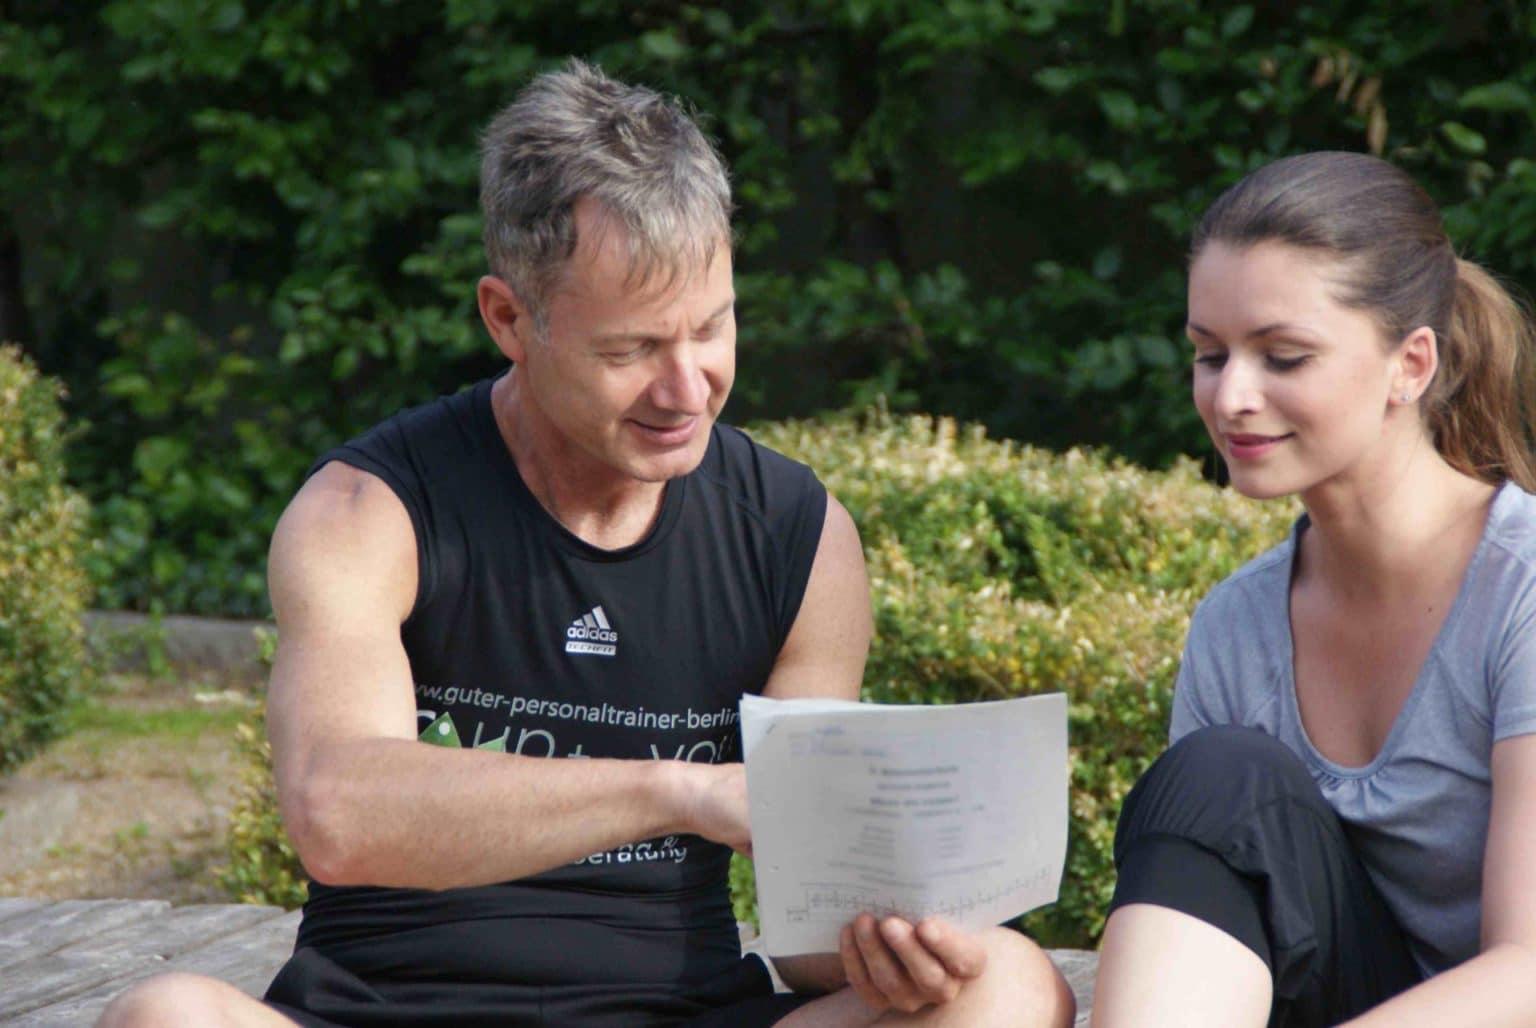 Coach und Personal Trainer Torsten Muhlack